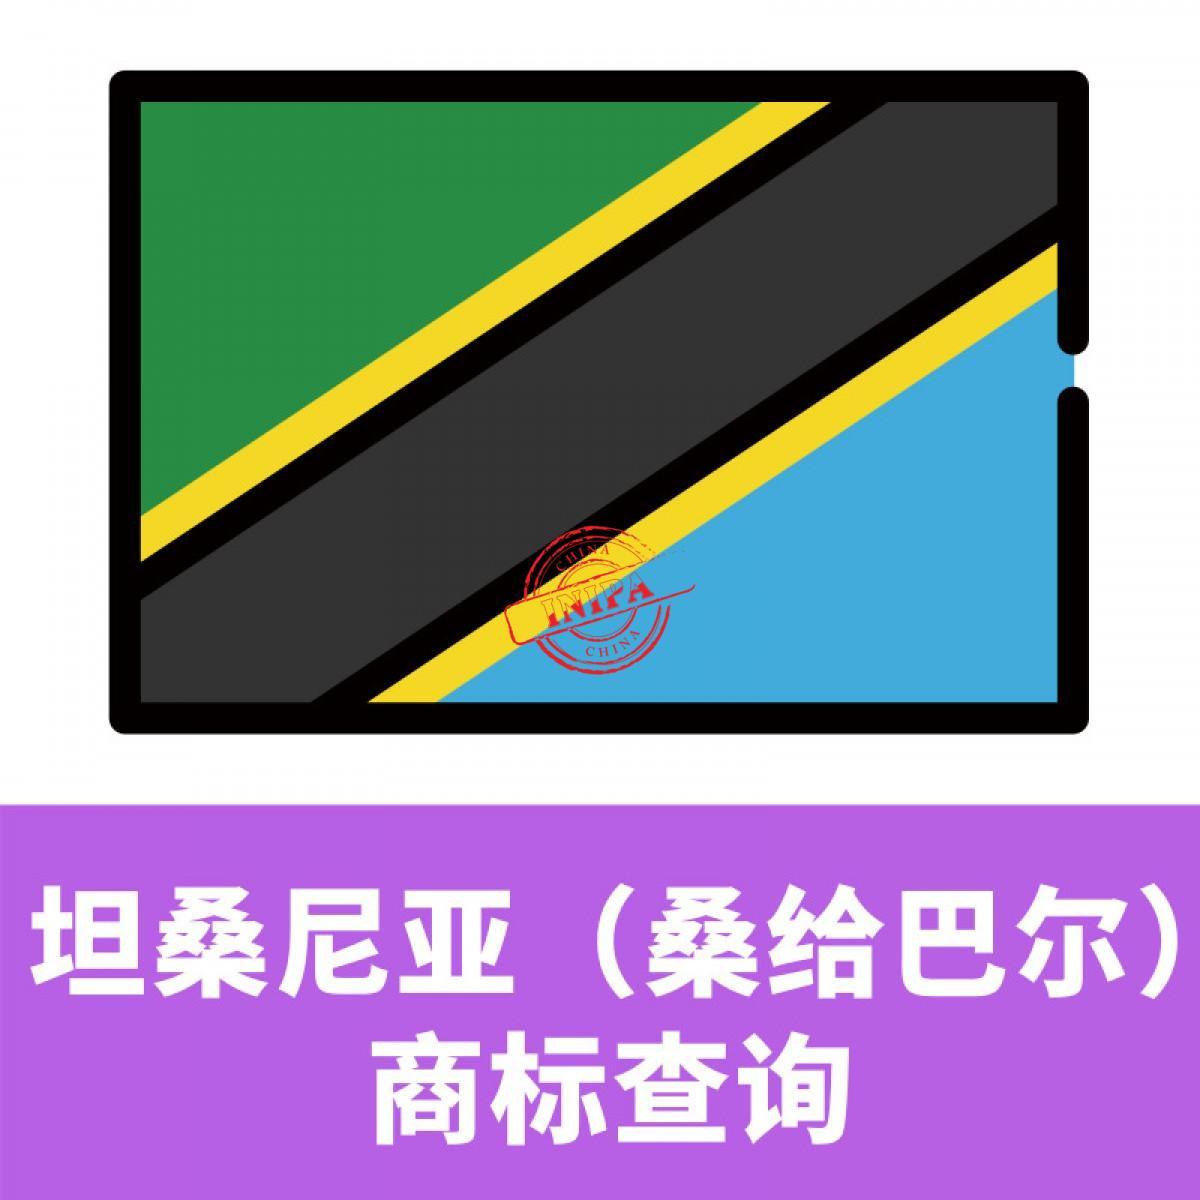 坦桑尼亚(桑给巴尔)商标查询/Tanzania (Zanzibar) trademark search